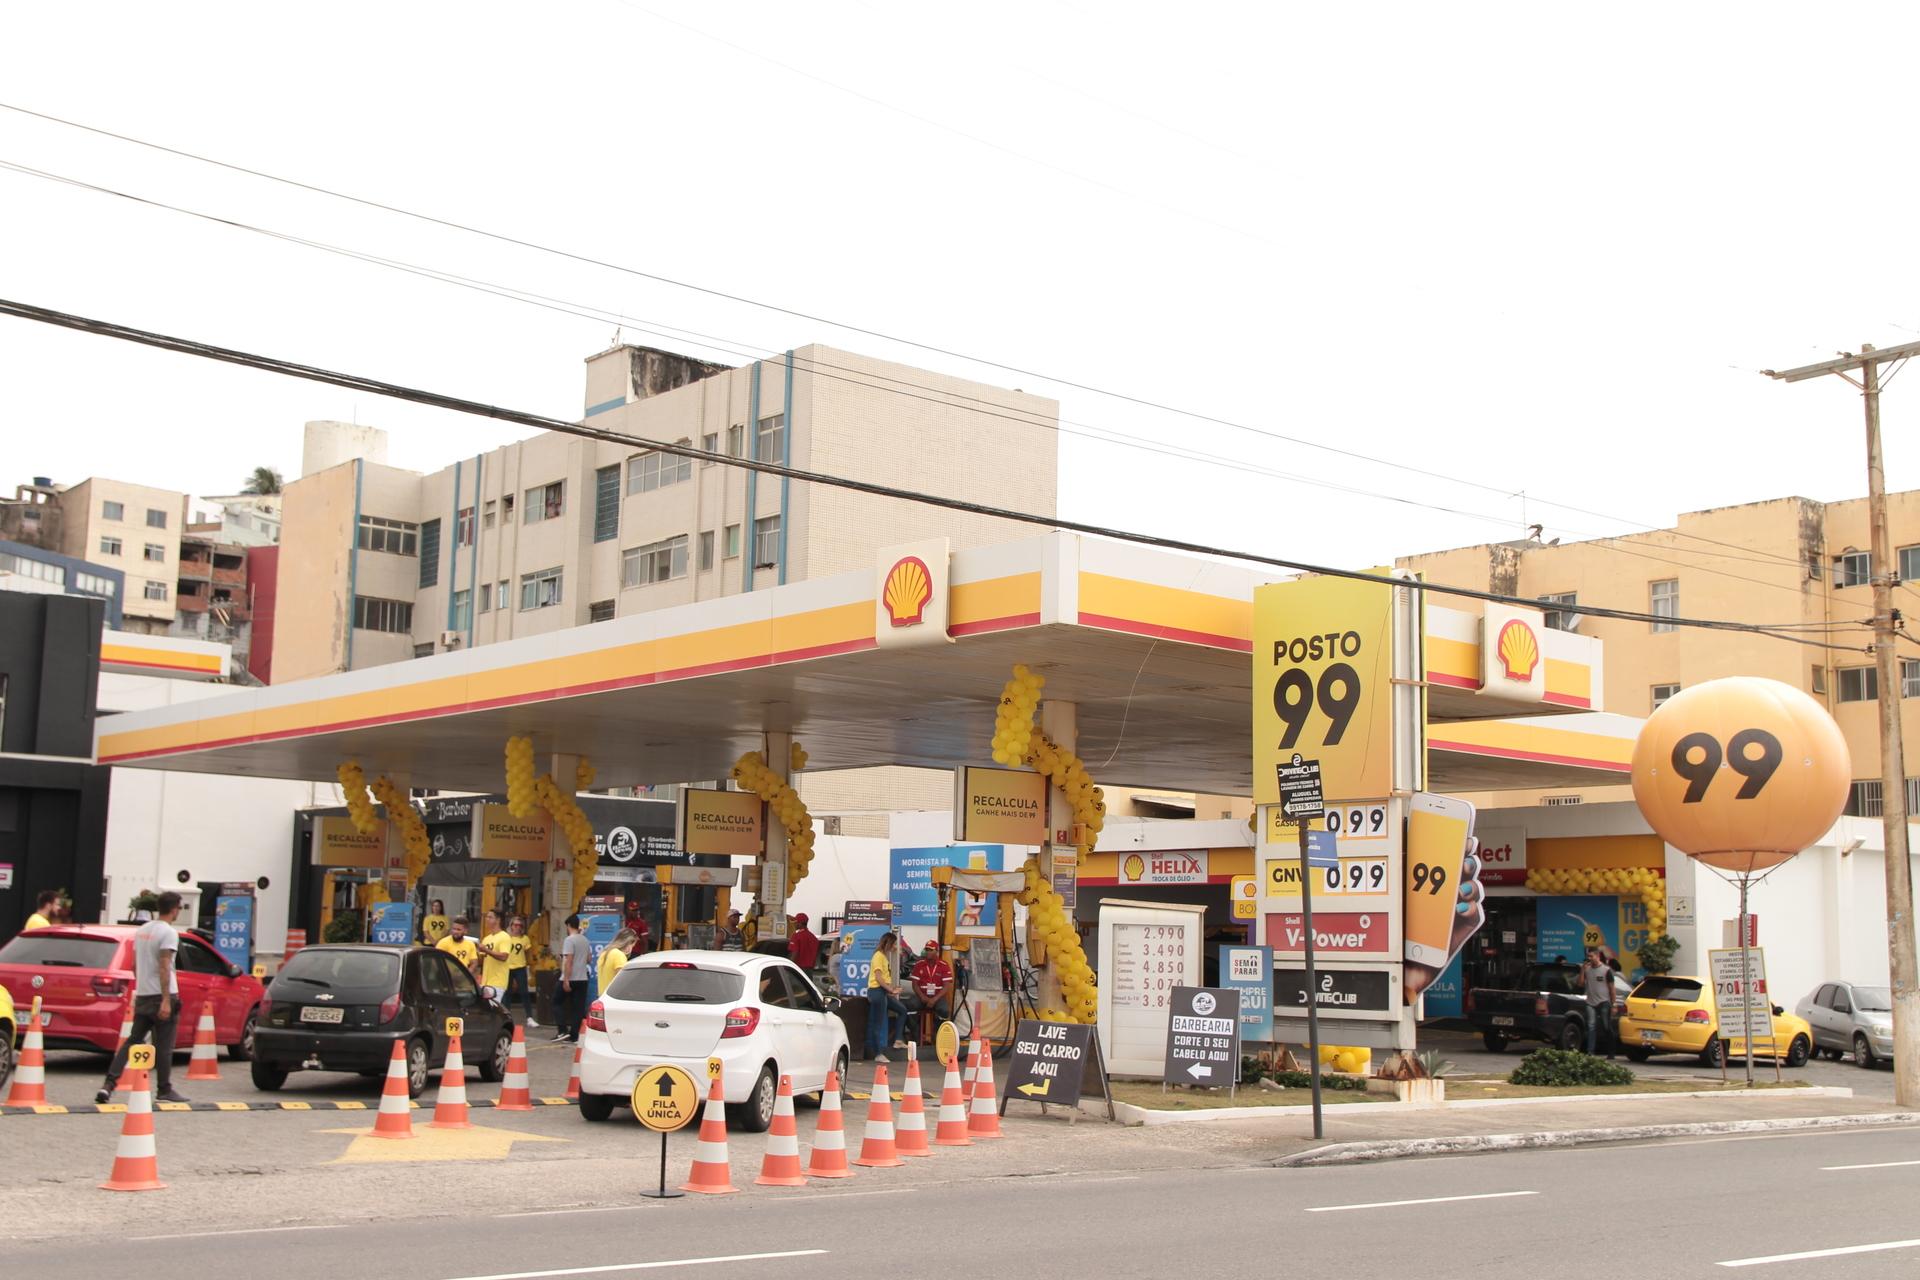 Imagem do projeto Posto 99 em Salvador | O motorista saiu ganhando